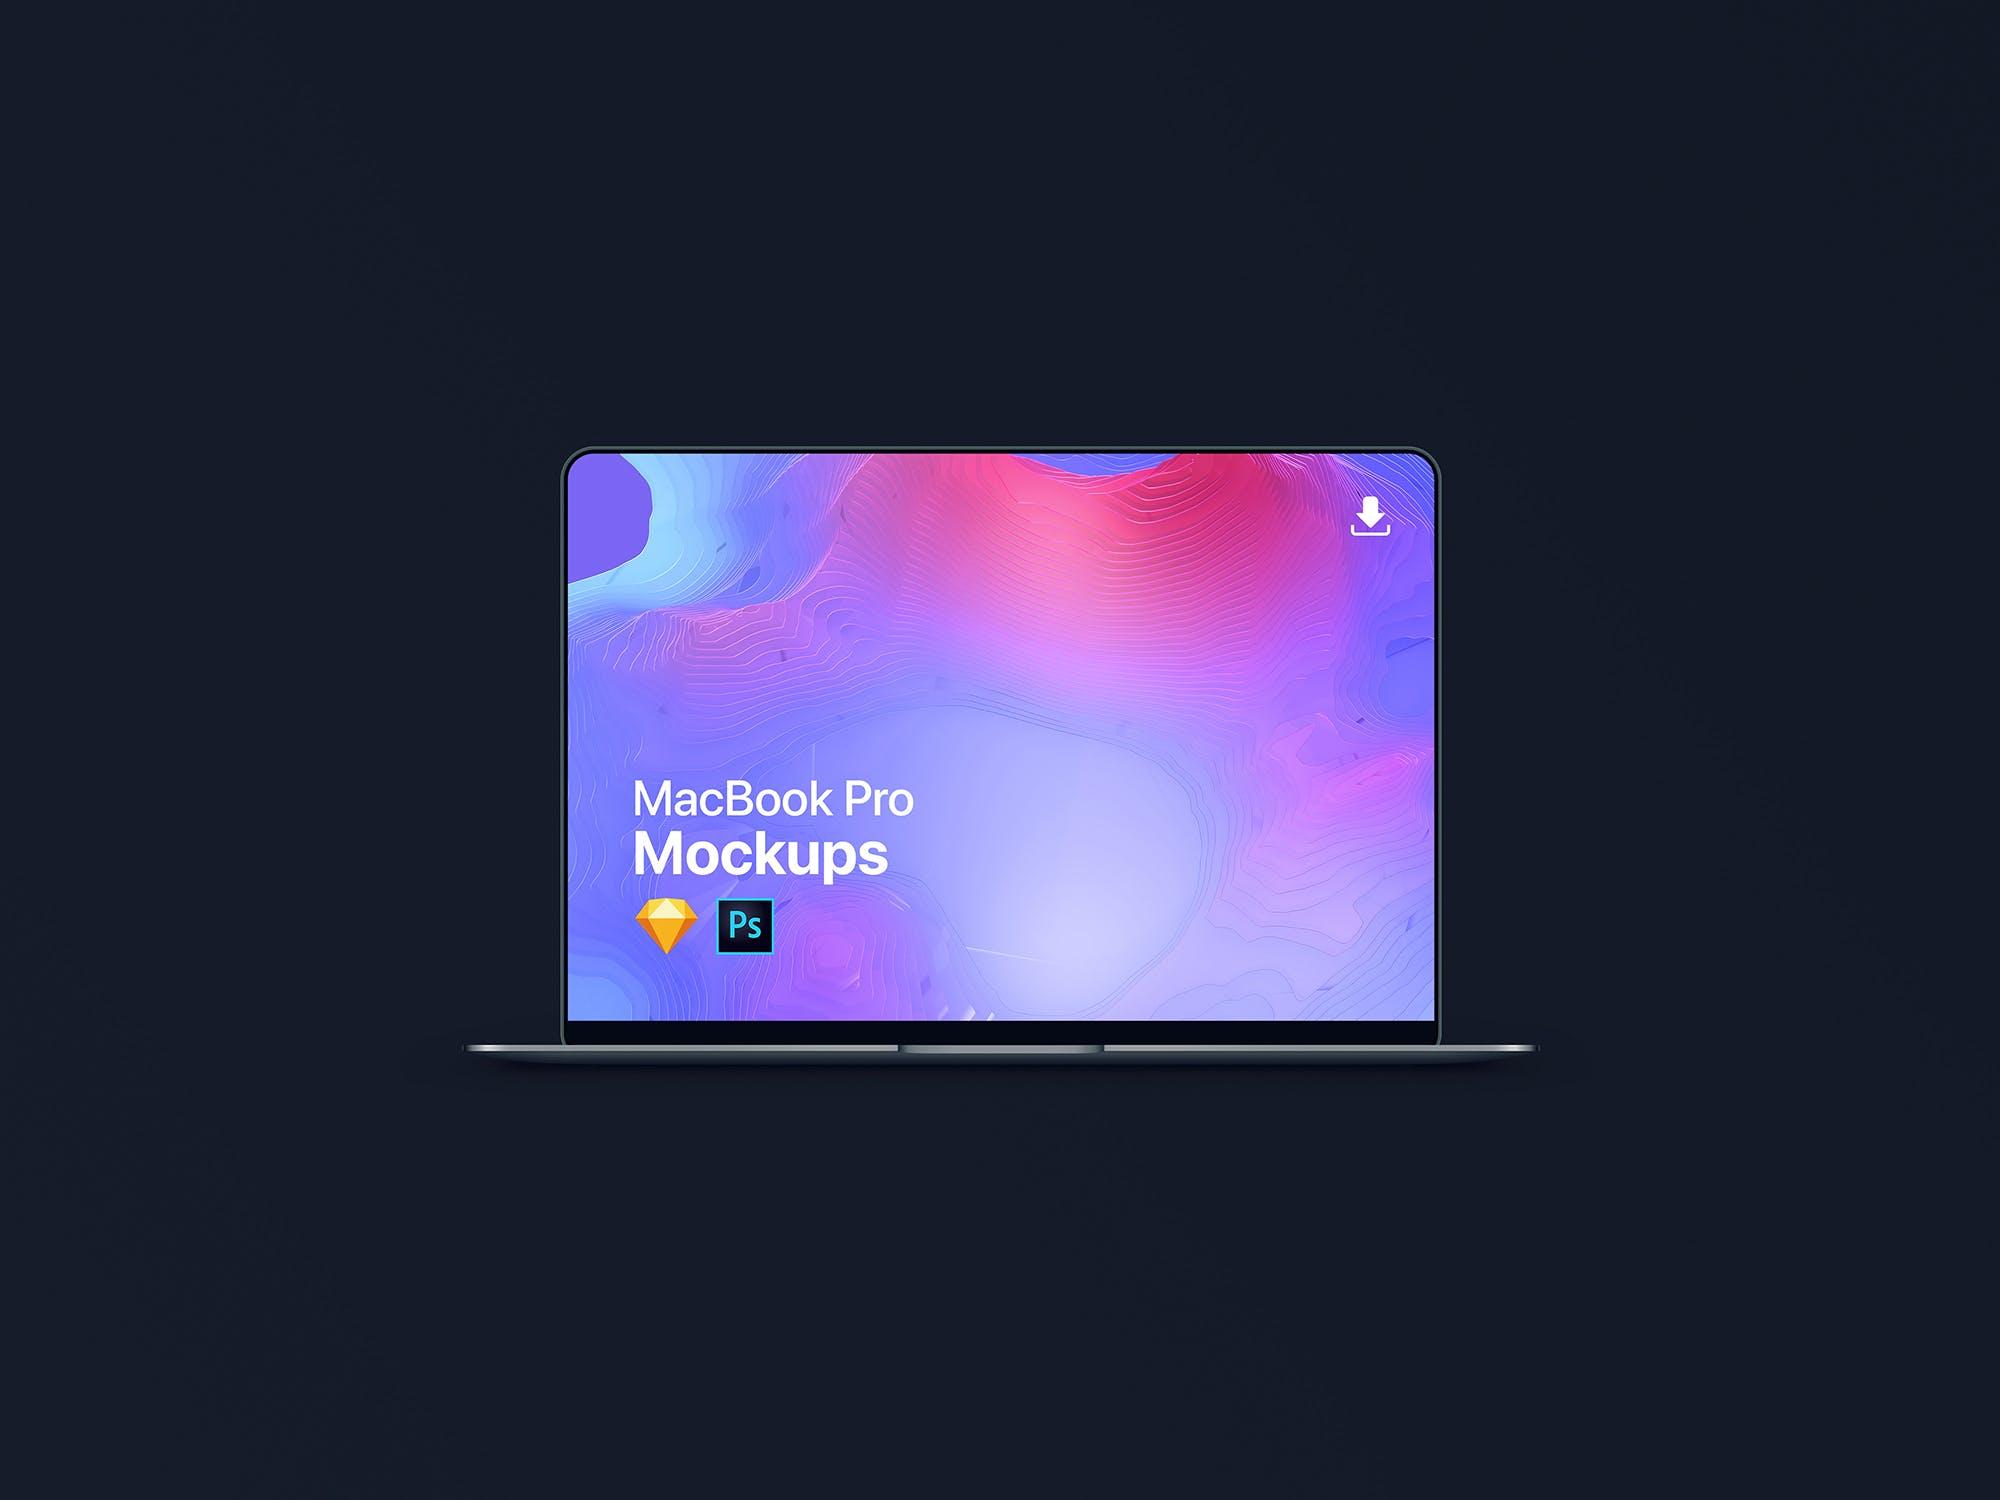 新版MacBook Pro场景样机素材模板展示The New MacBook Pro Mockup | Photoshop + Sketch